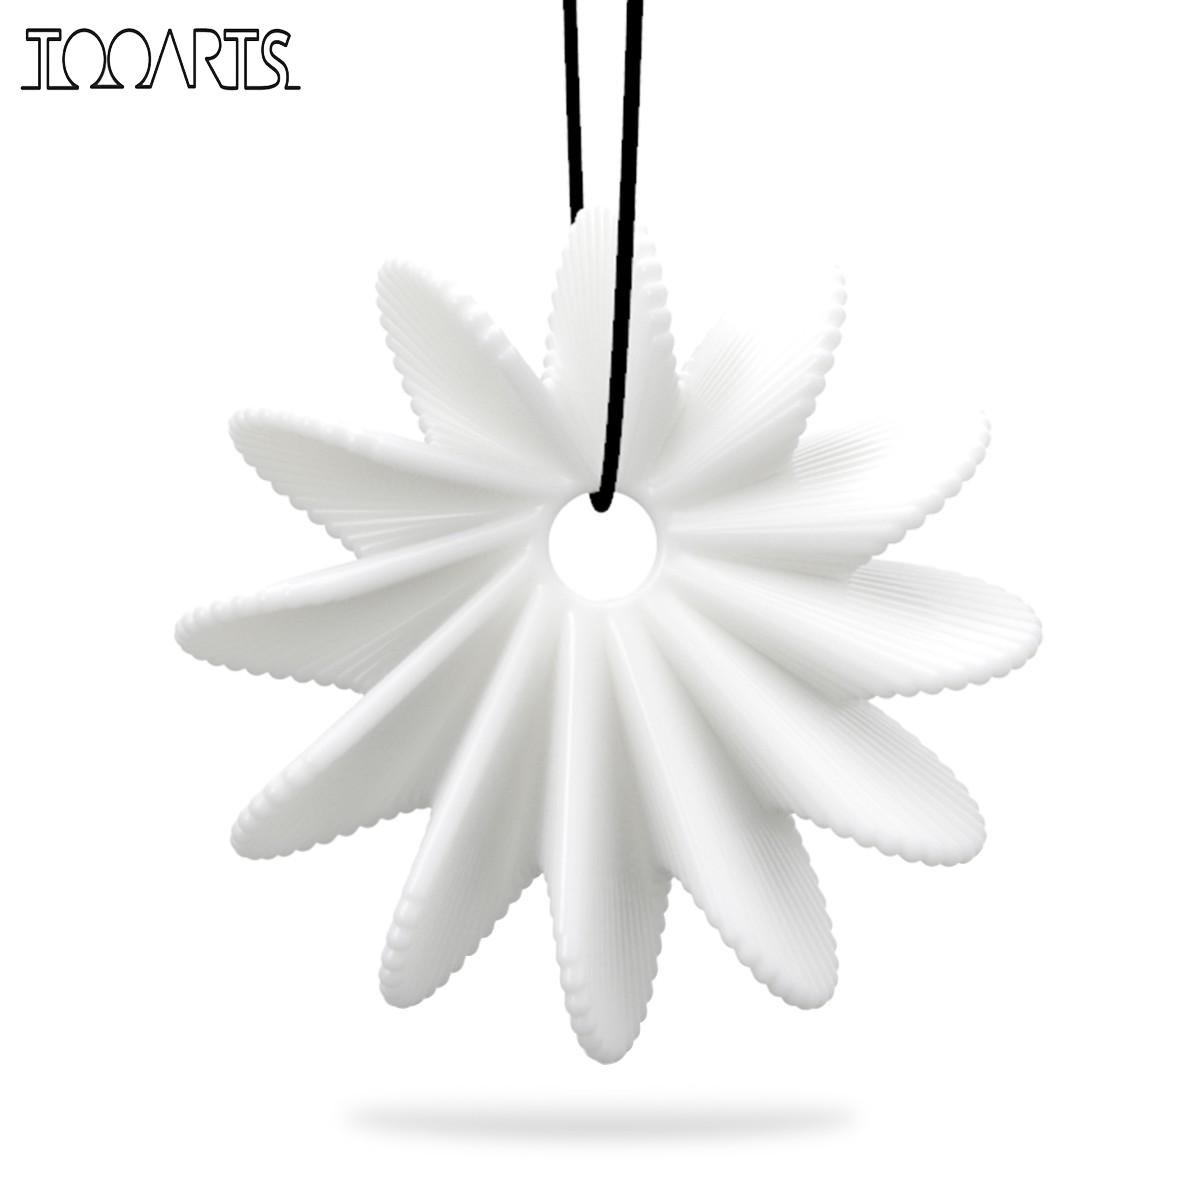 Tooarts Tomfeel 3D-prinditud ehted, õitsevad lilled, elegantsed - Kodu kaunistus